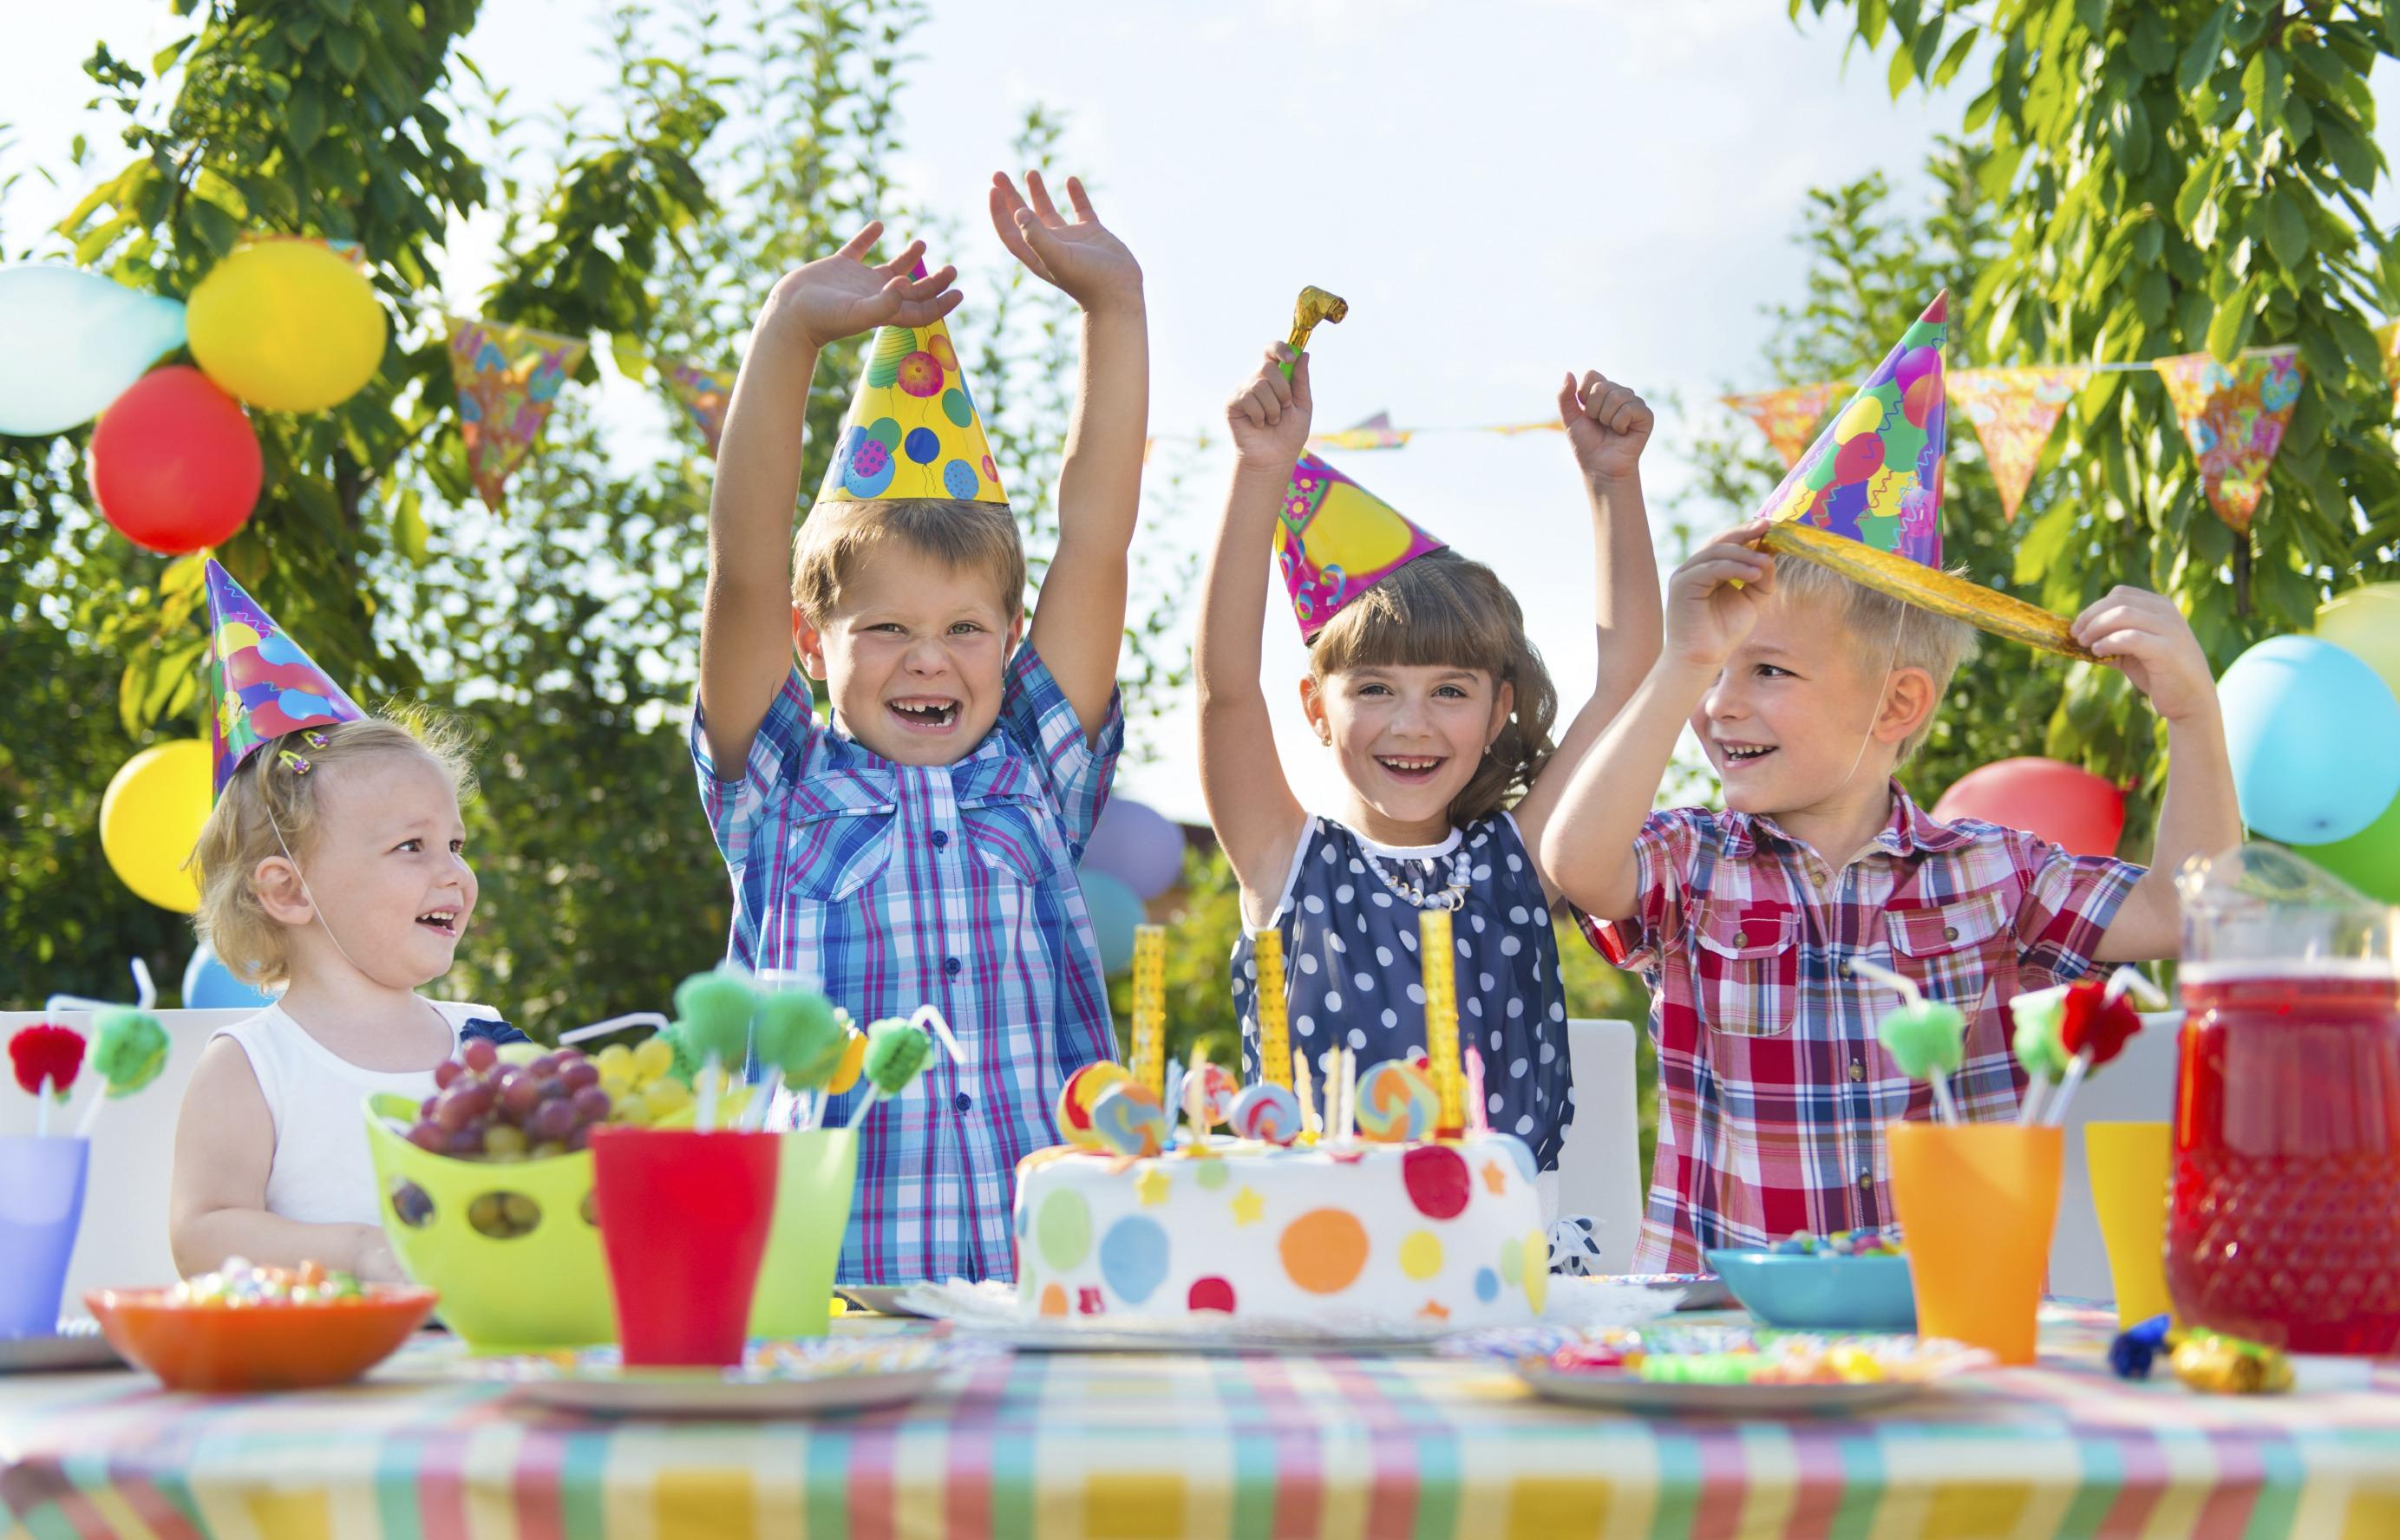 Психология детского праздника